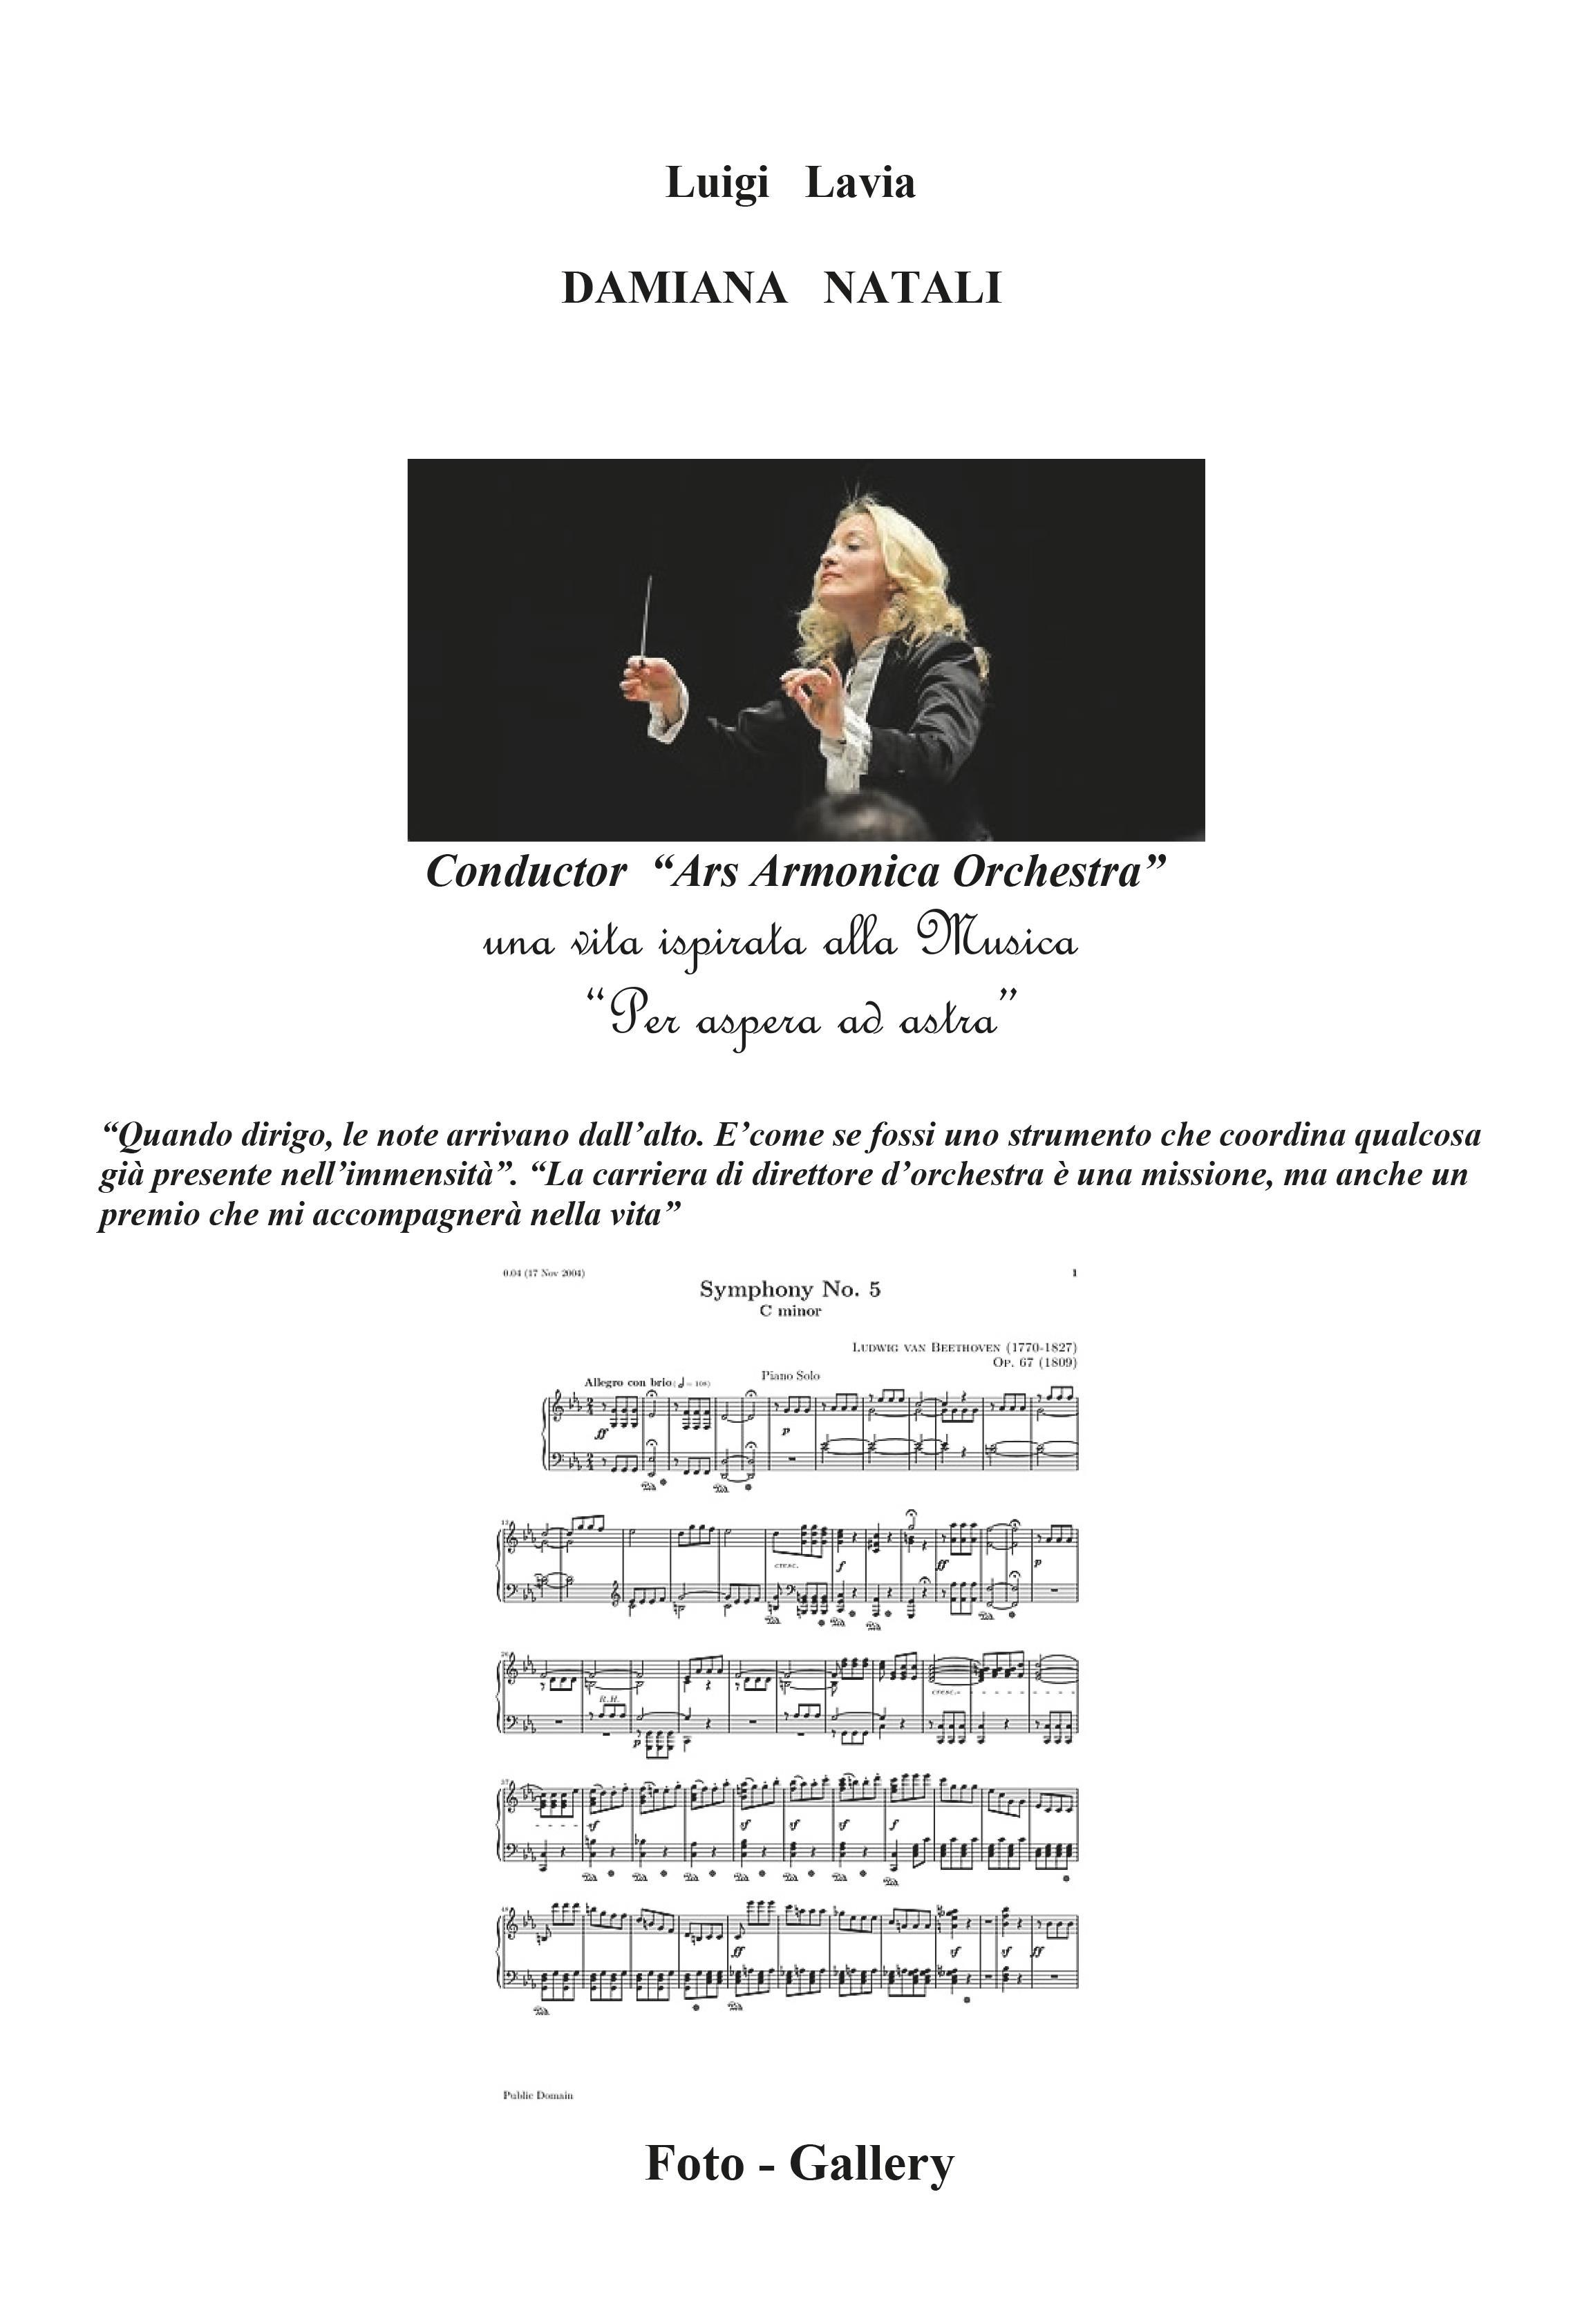 Damiana Natali - Conductor Ars Armonica Orchestra